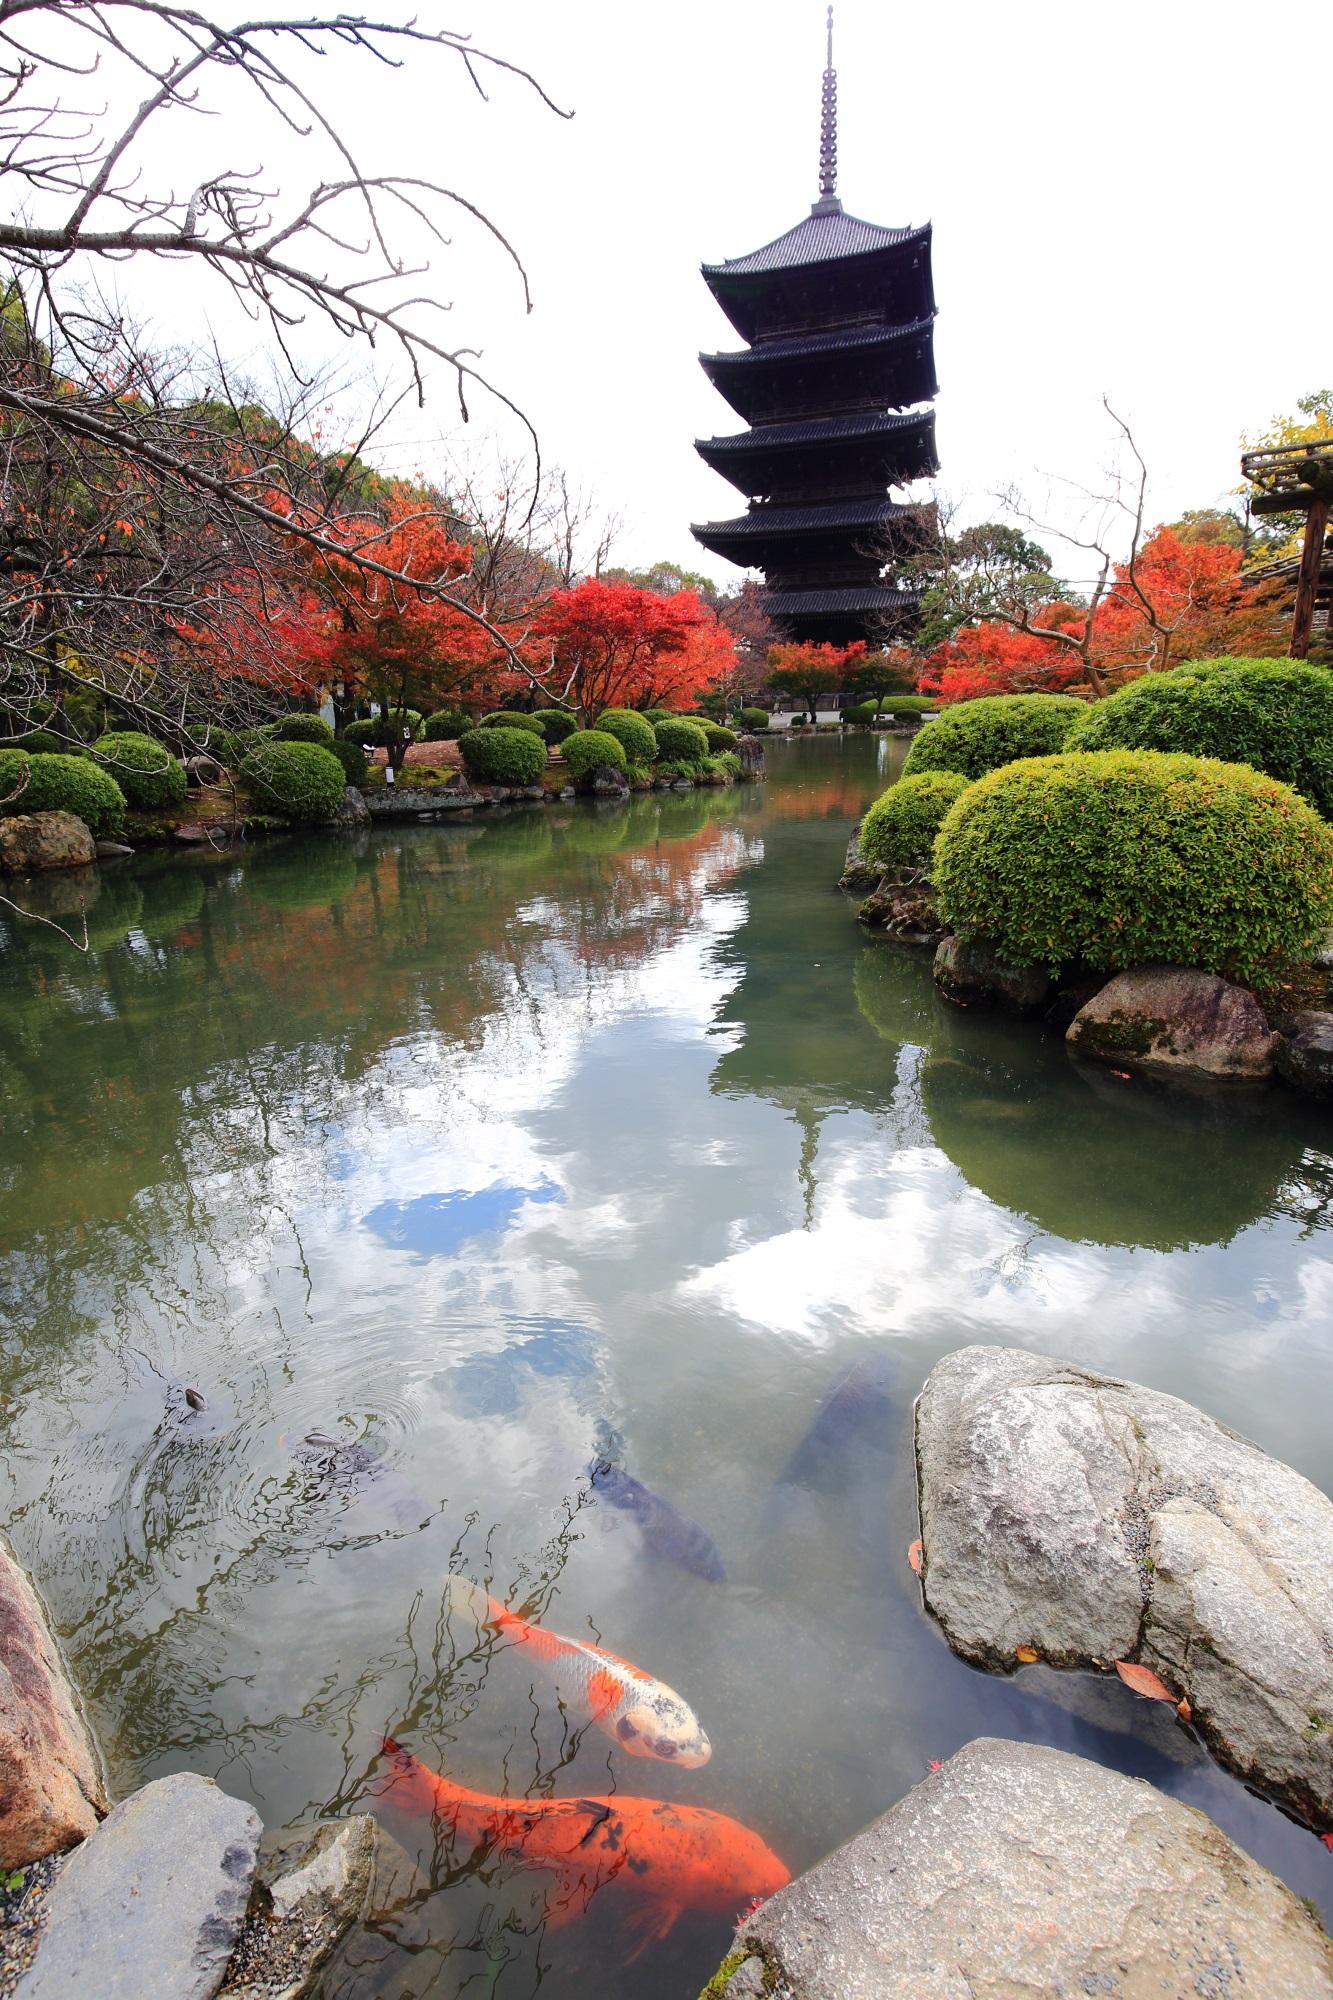 東寺の五重塔と綺麗な紅葉と瓢箪池の優雅な鯉